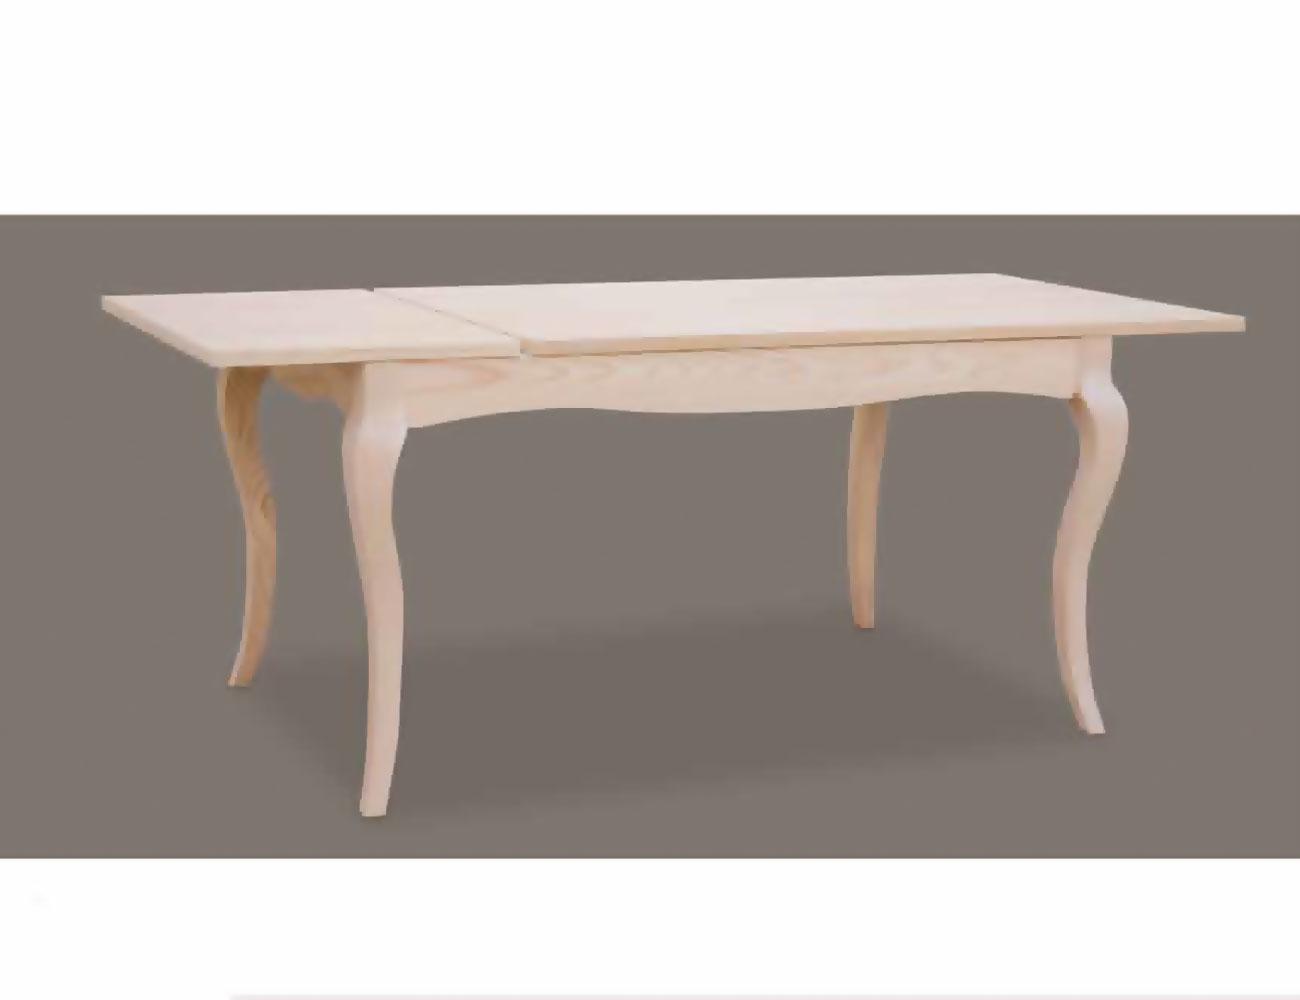 Mesa comedor extensible 140 cm en madera con patas for Mesa madera extensible